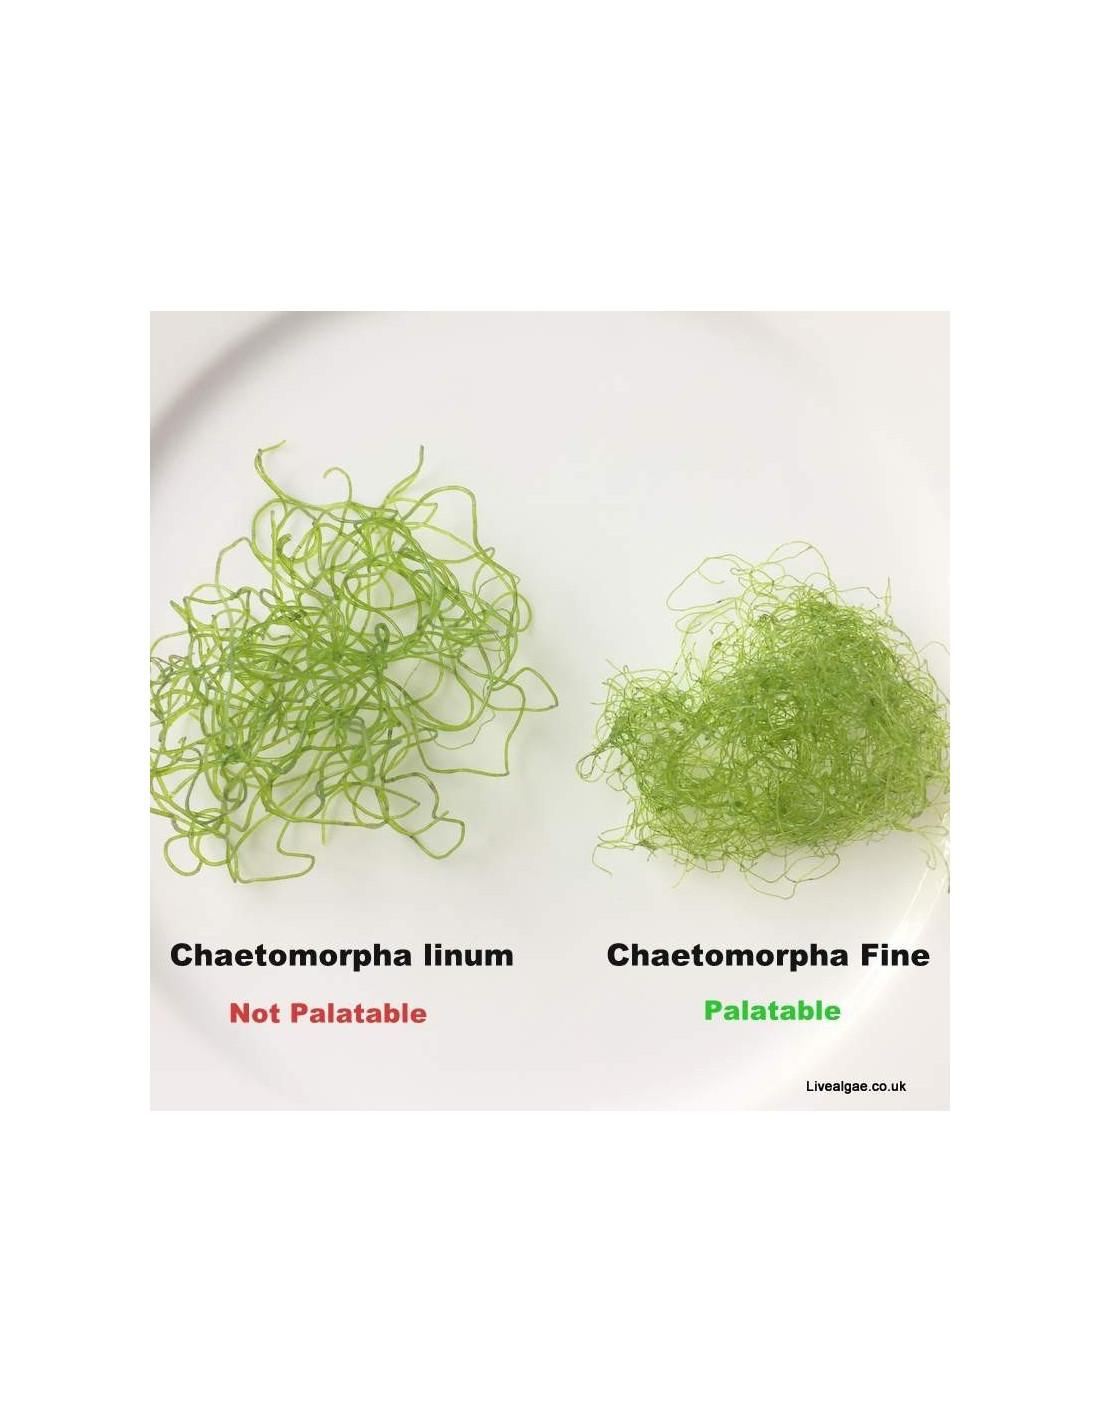 Image result for chaetomorpha linum vs. grassa